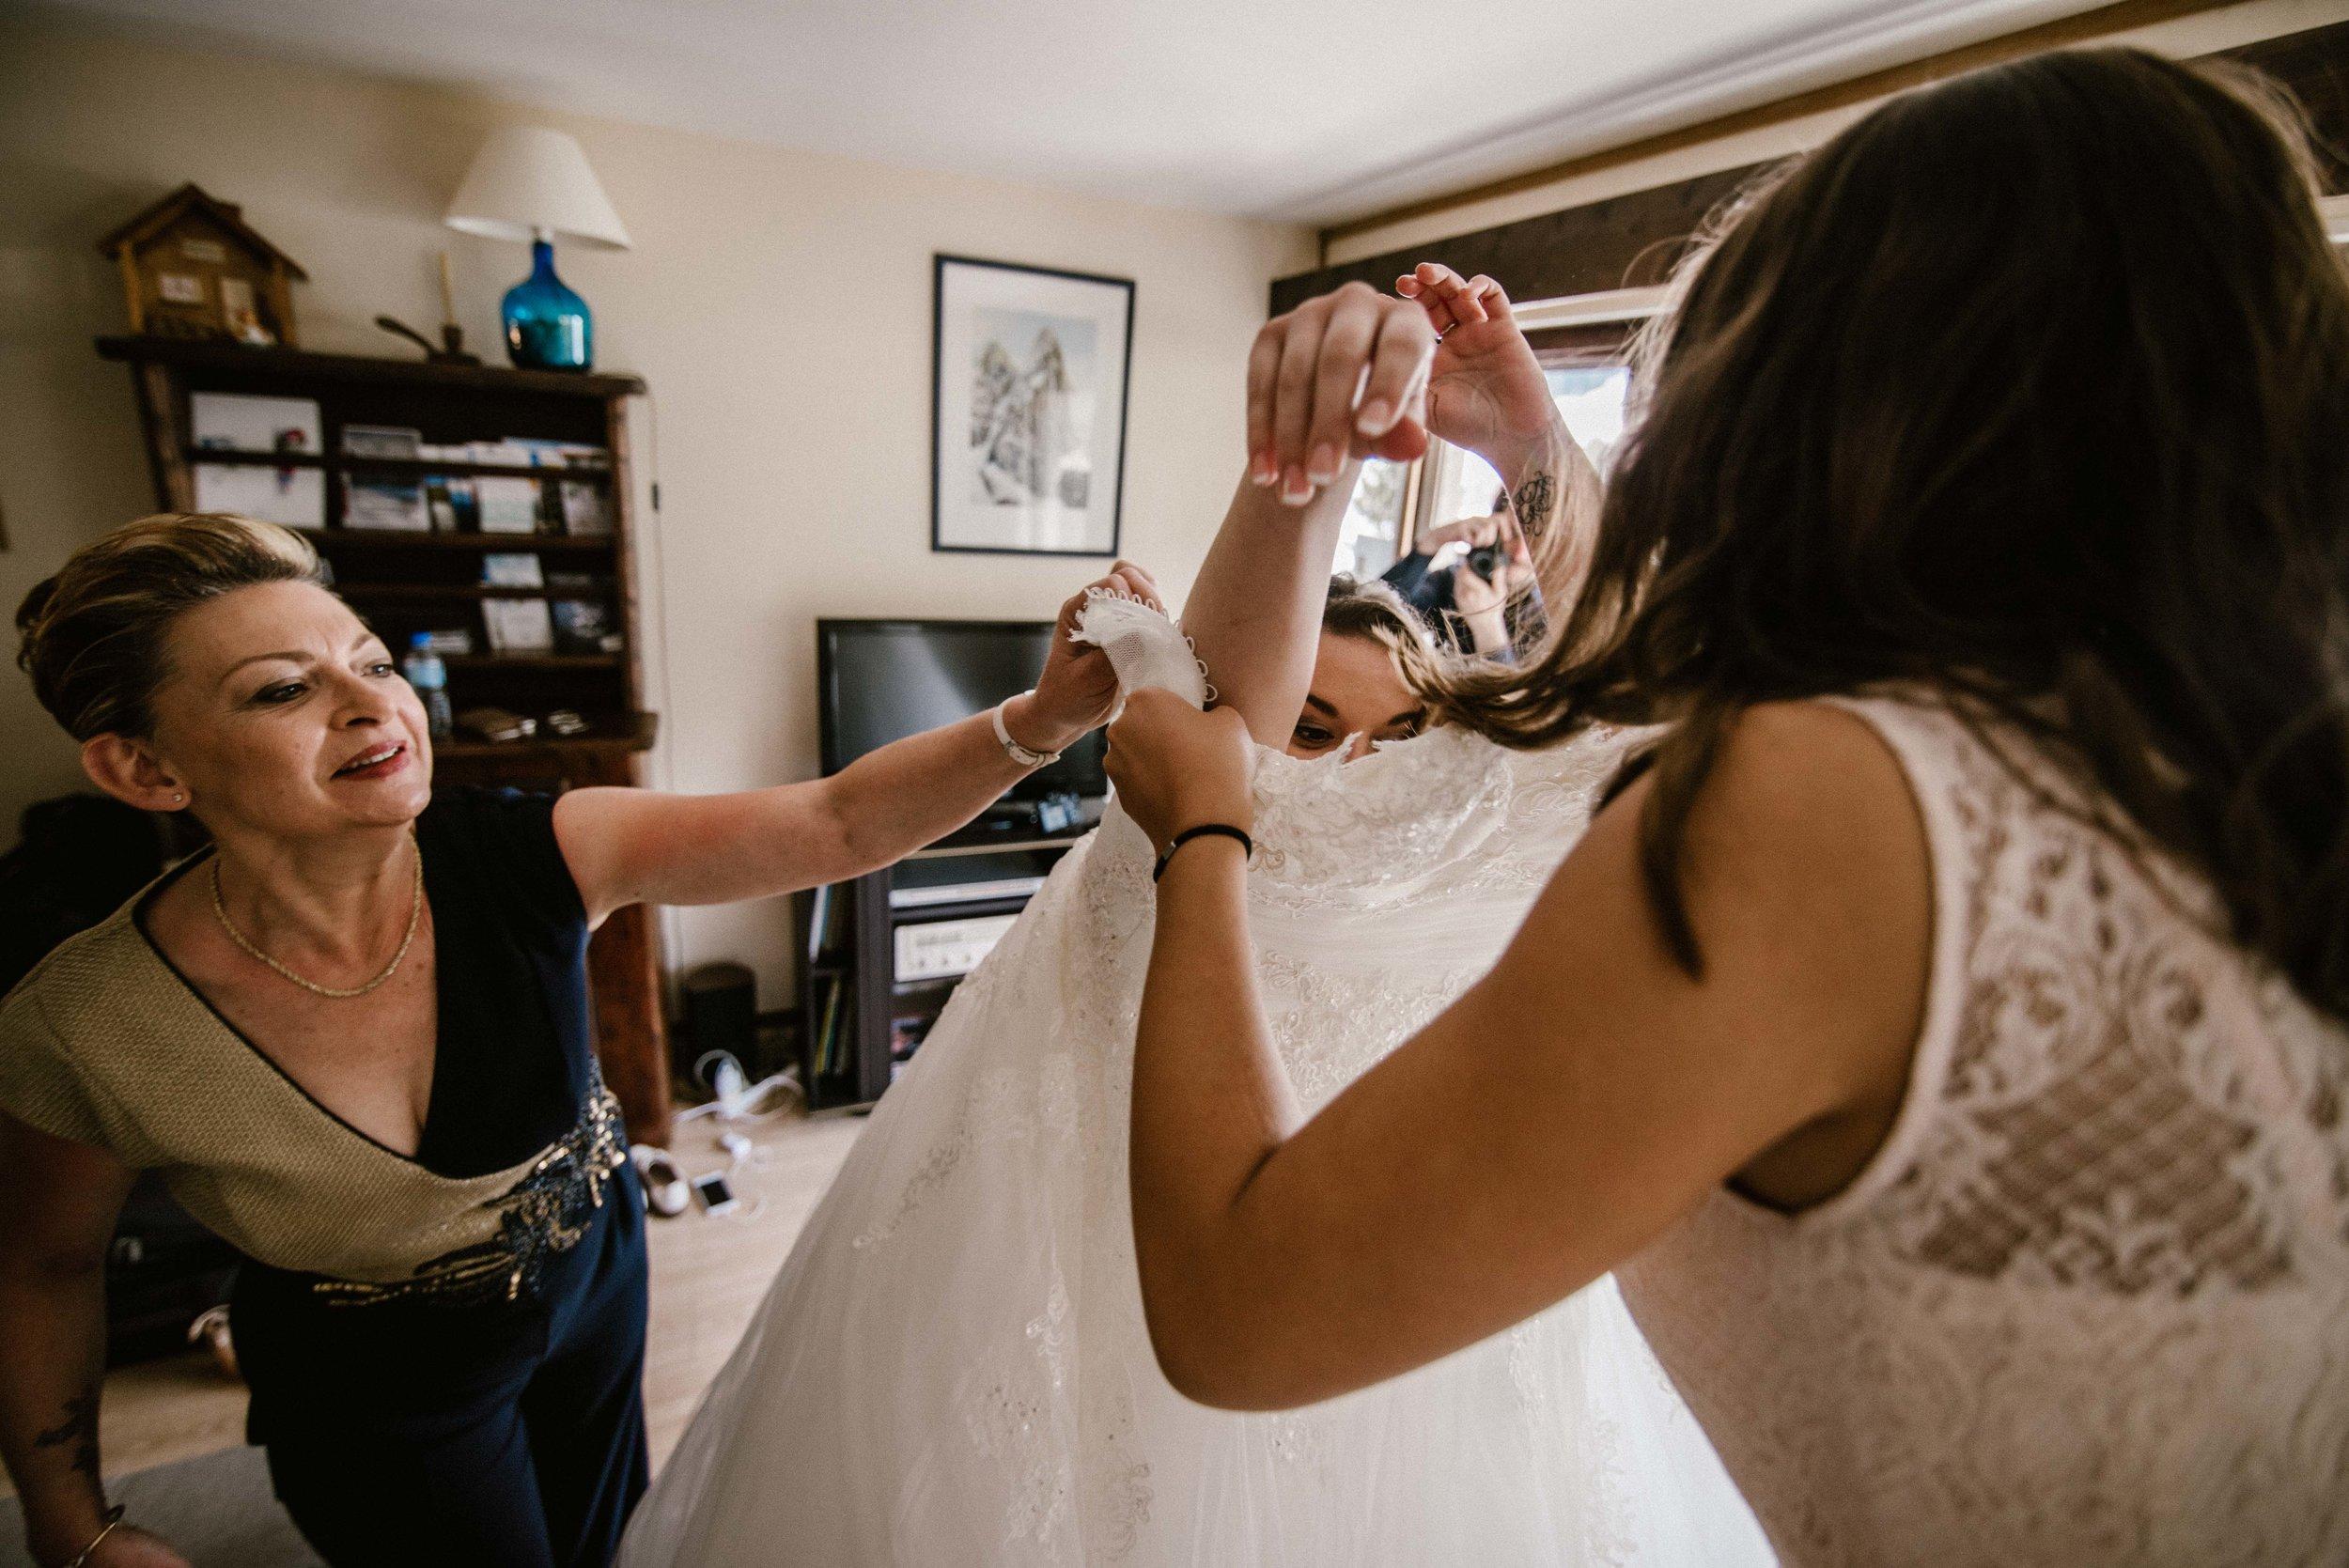 Léa-Fery-photographe-professionnel-lyon-rhone-alpes-portrait-mariage-couple-amour-lovesession-engagement-elopment-2075.jpg